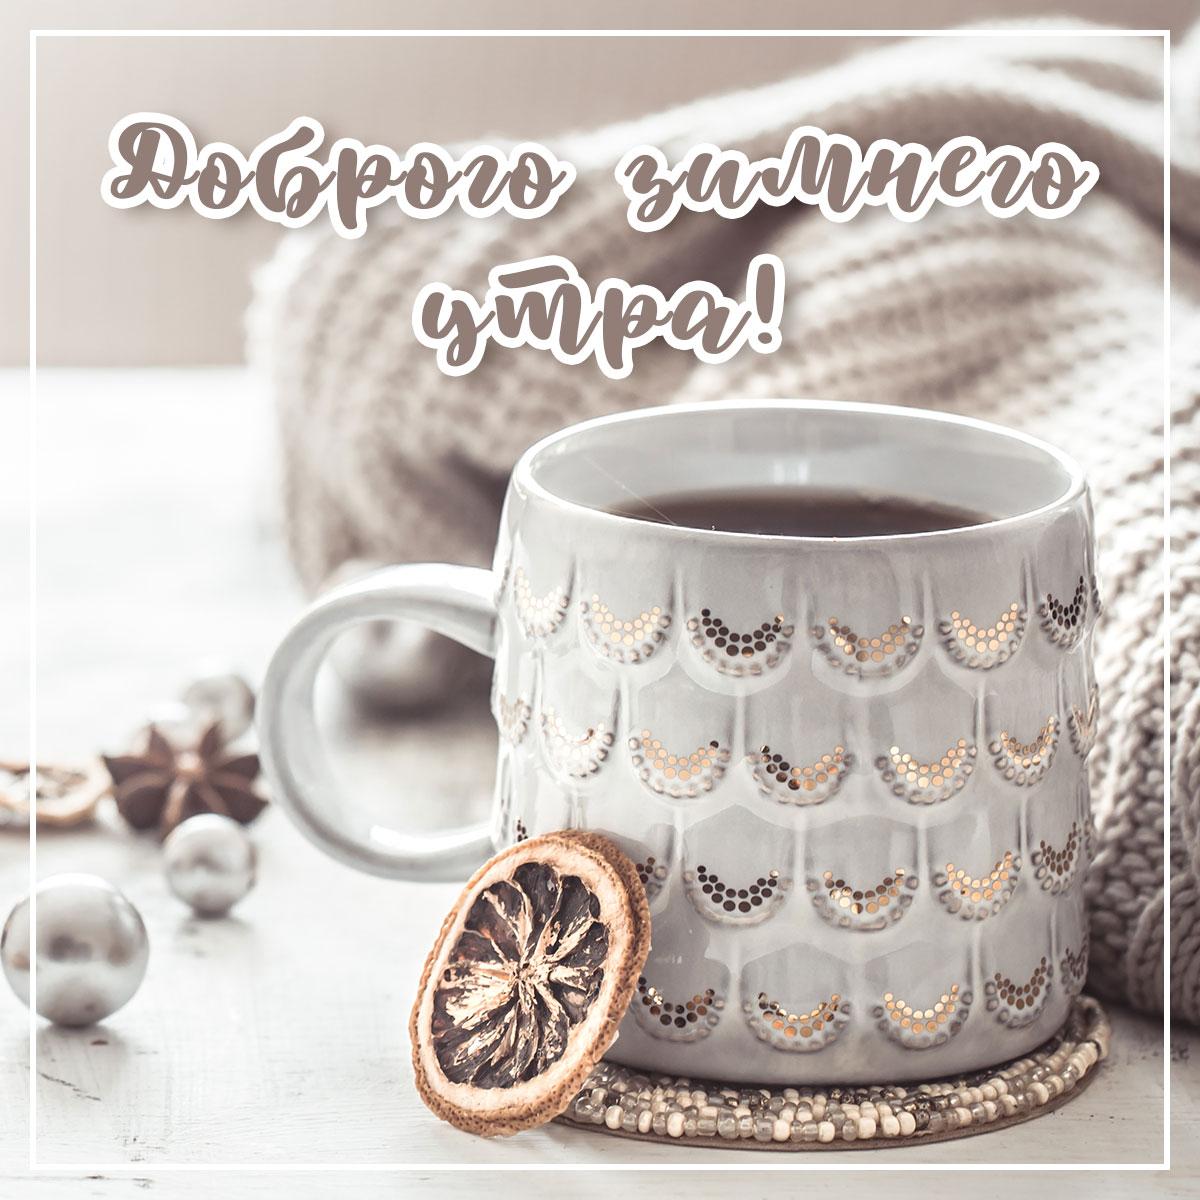 Фотография доброе зимнее утро: натюрморт с надписью, керамической кружкой с чаем, долькой лимона и пледом.